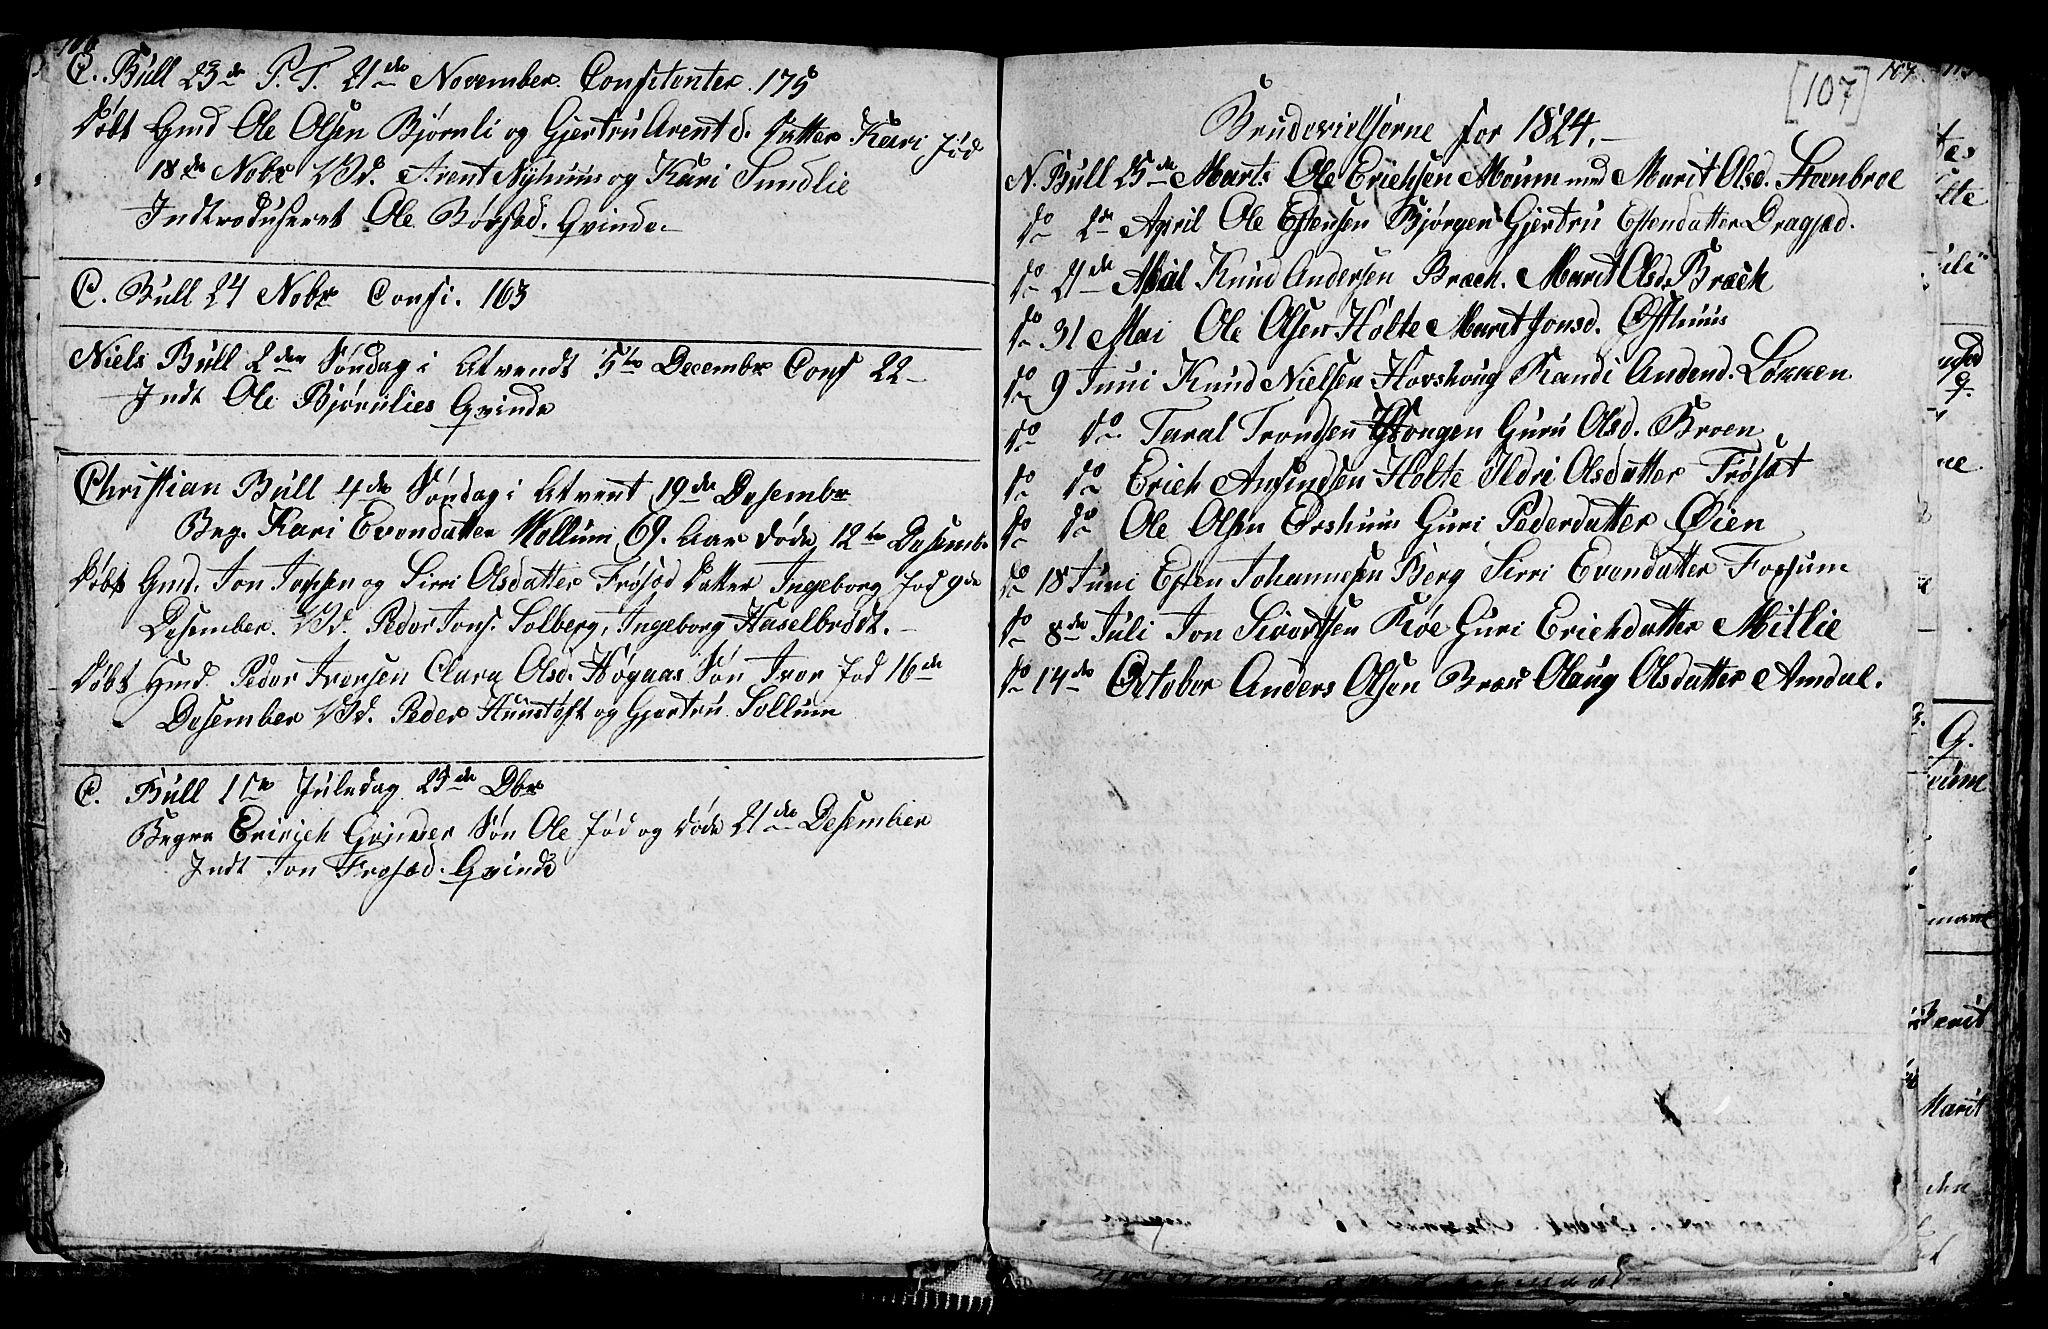 SAT, Ministerialprotokoller, klokkerbøker og fødselsregistre - Sør-Trøndelag, 689/L1042: Klokkerbok nr. 689C01, 1812-1841, s. 106-107